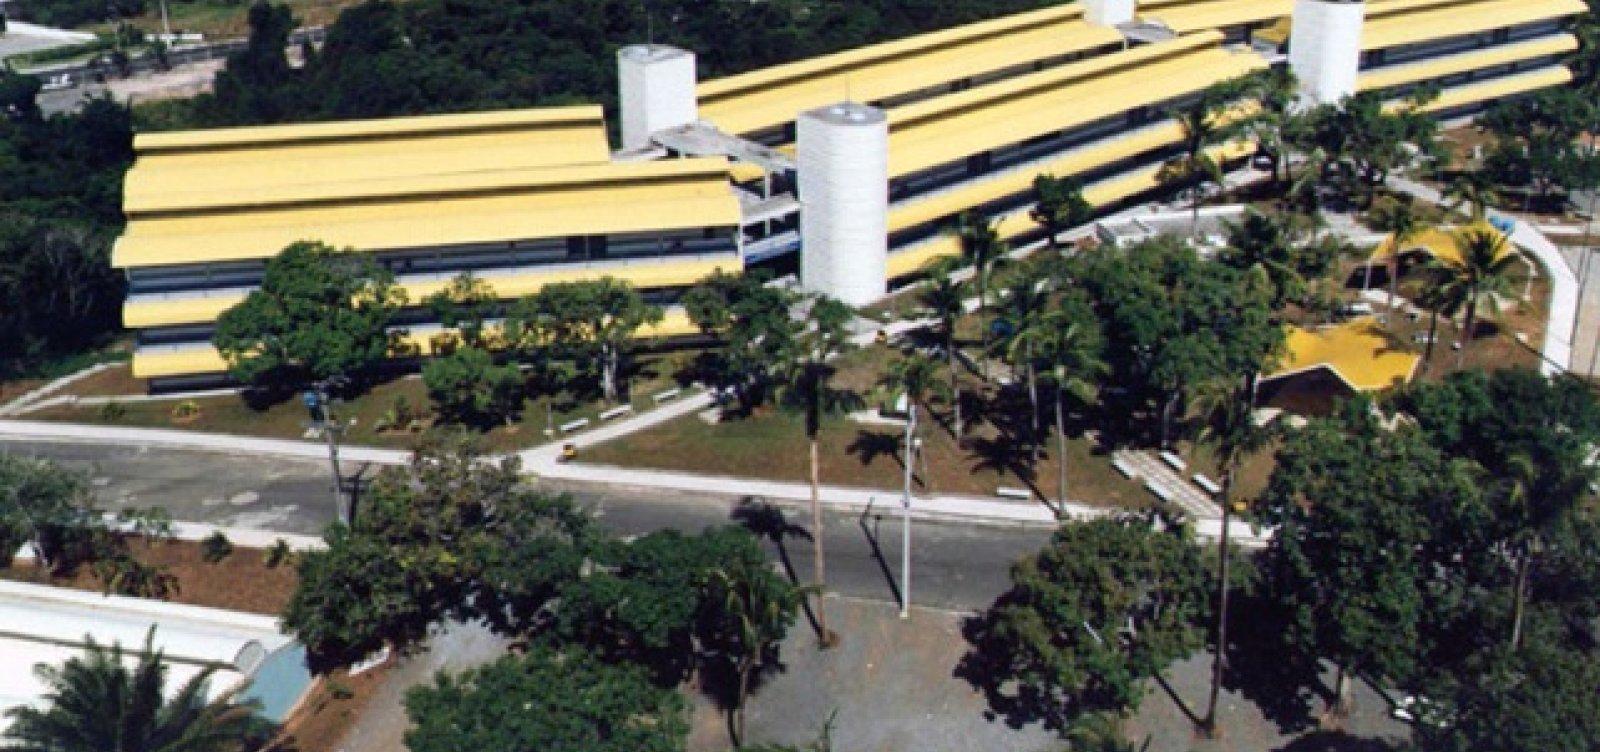 Reconhecida por excelência acadêmica, Universidade Católica do Salvador completa 60 anos